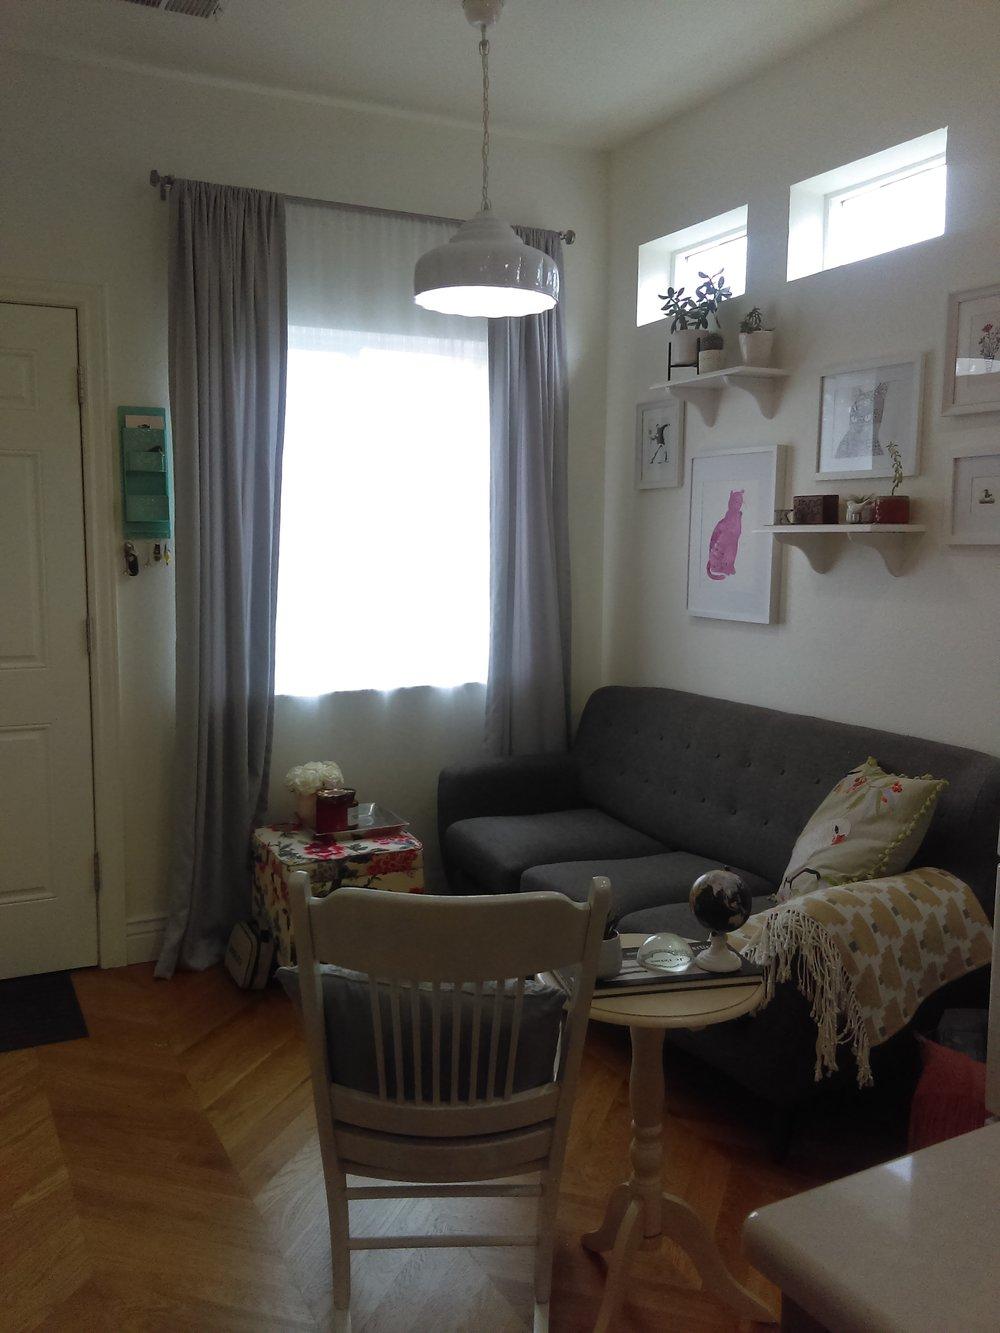 3 Living Space.jpg